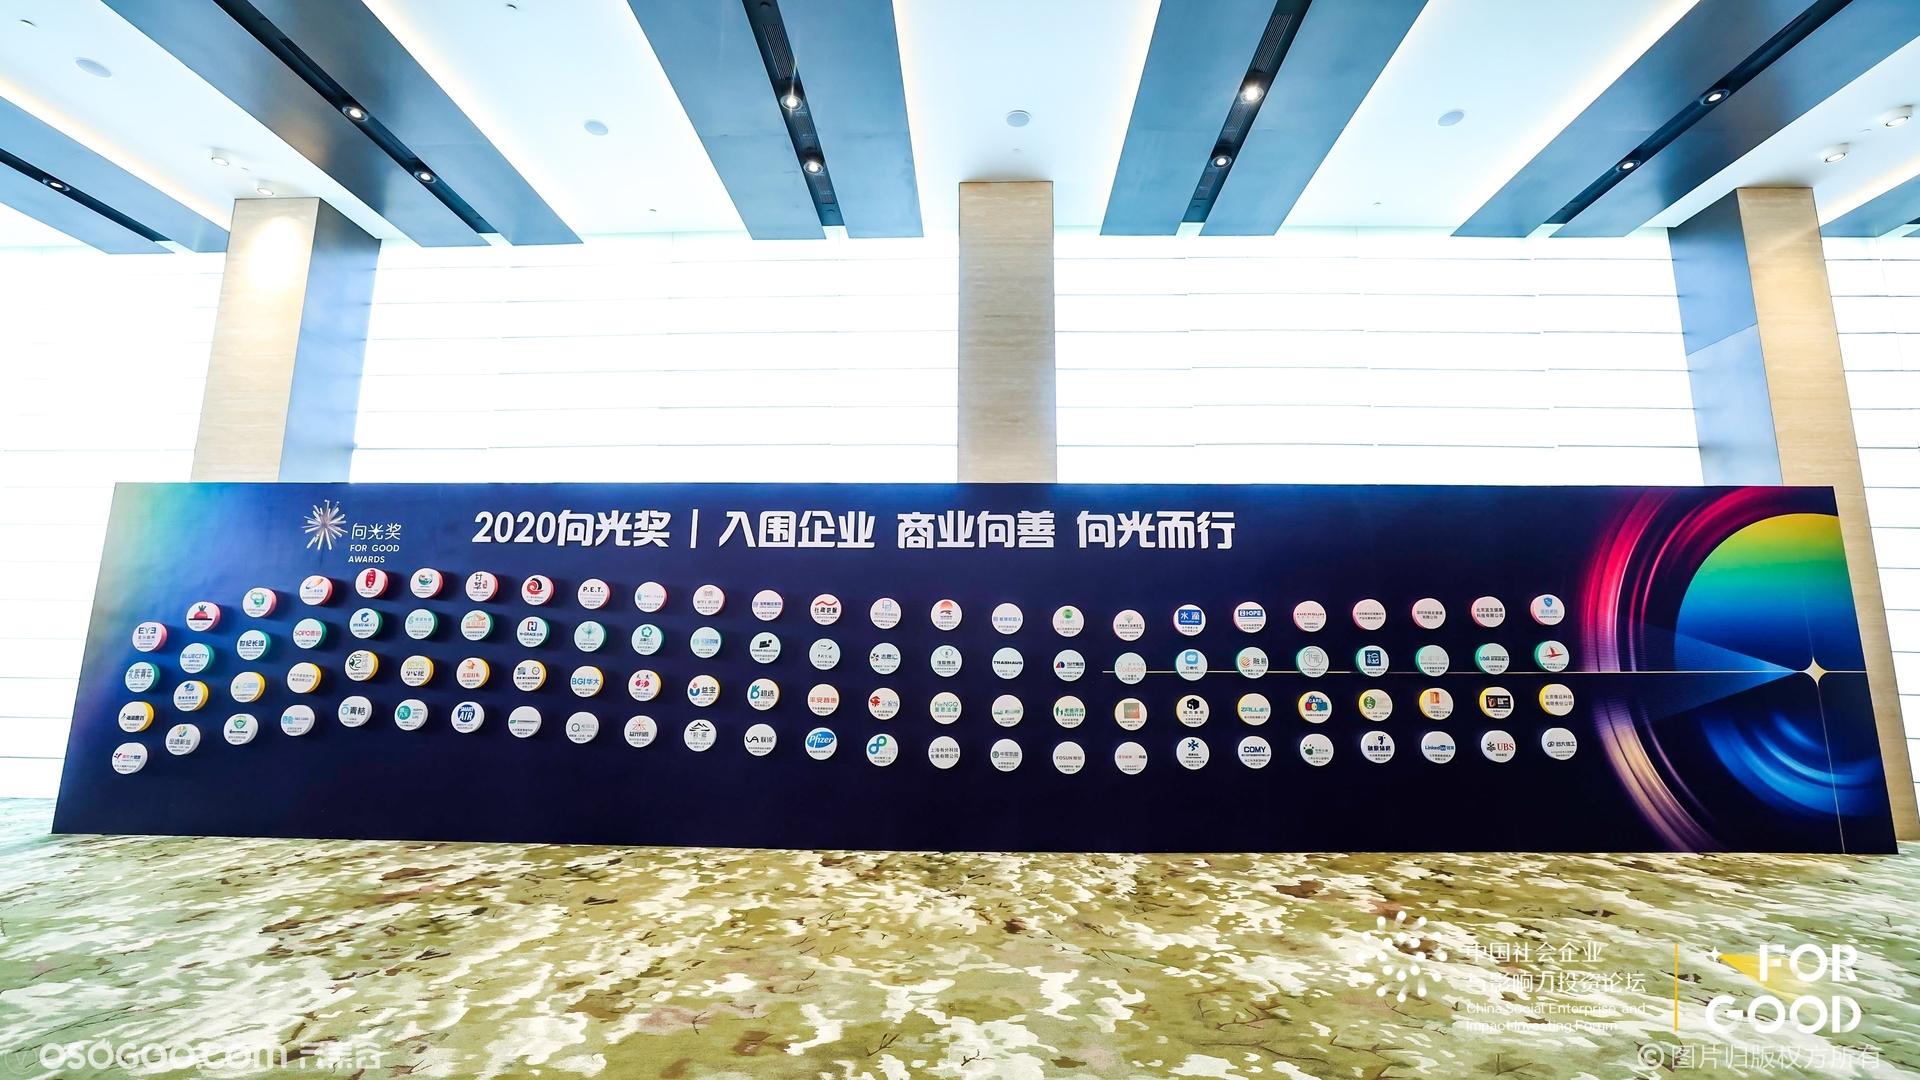 重启美好生活.2020中国社会企业与影响力投资论坛